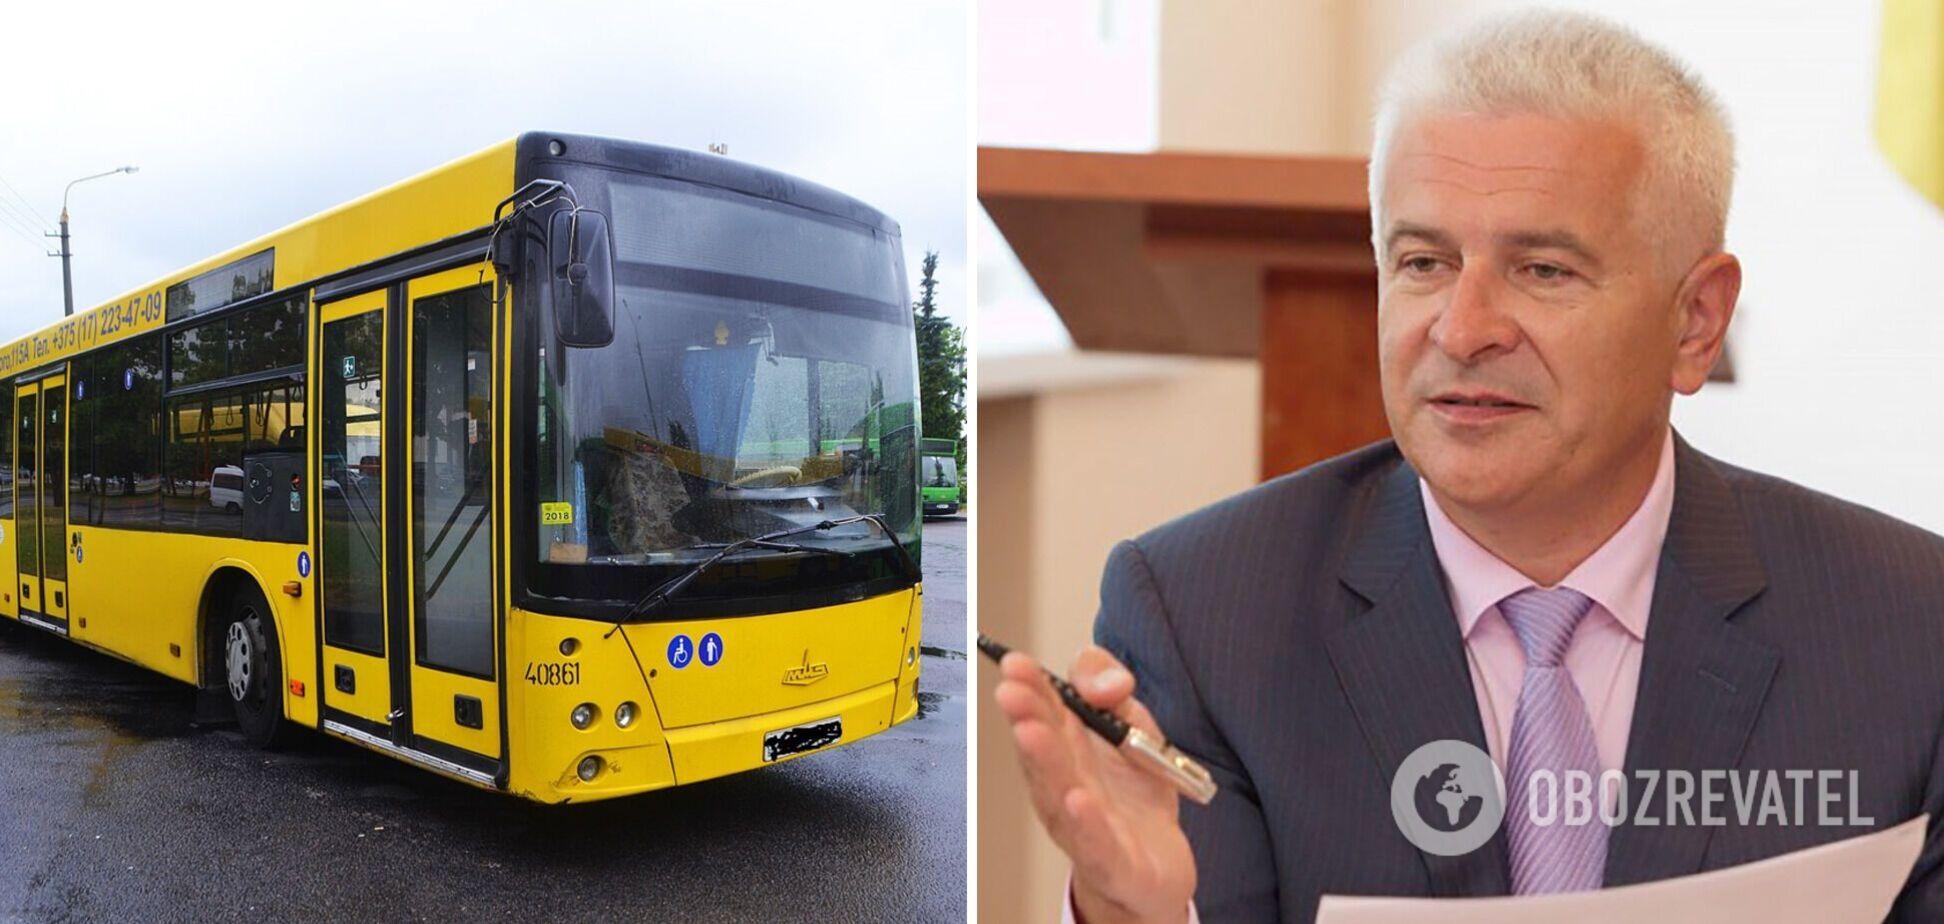 Олейник прокомментировал скандал с закупкой белорусских автобусов для Львова